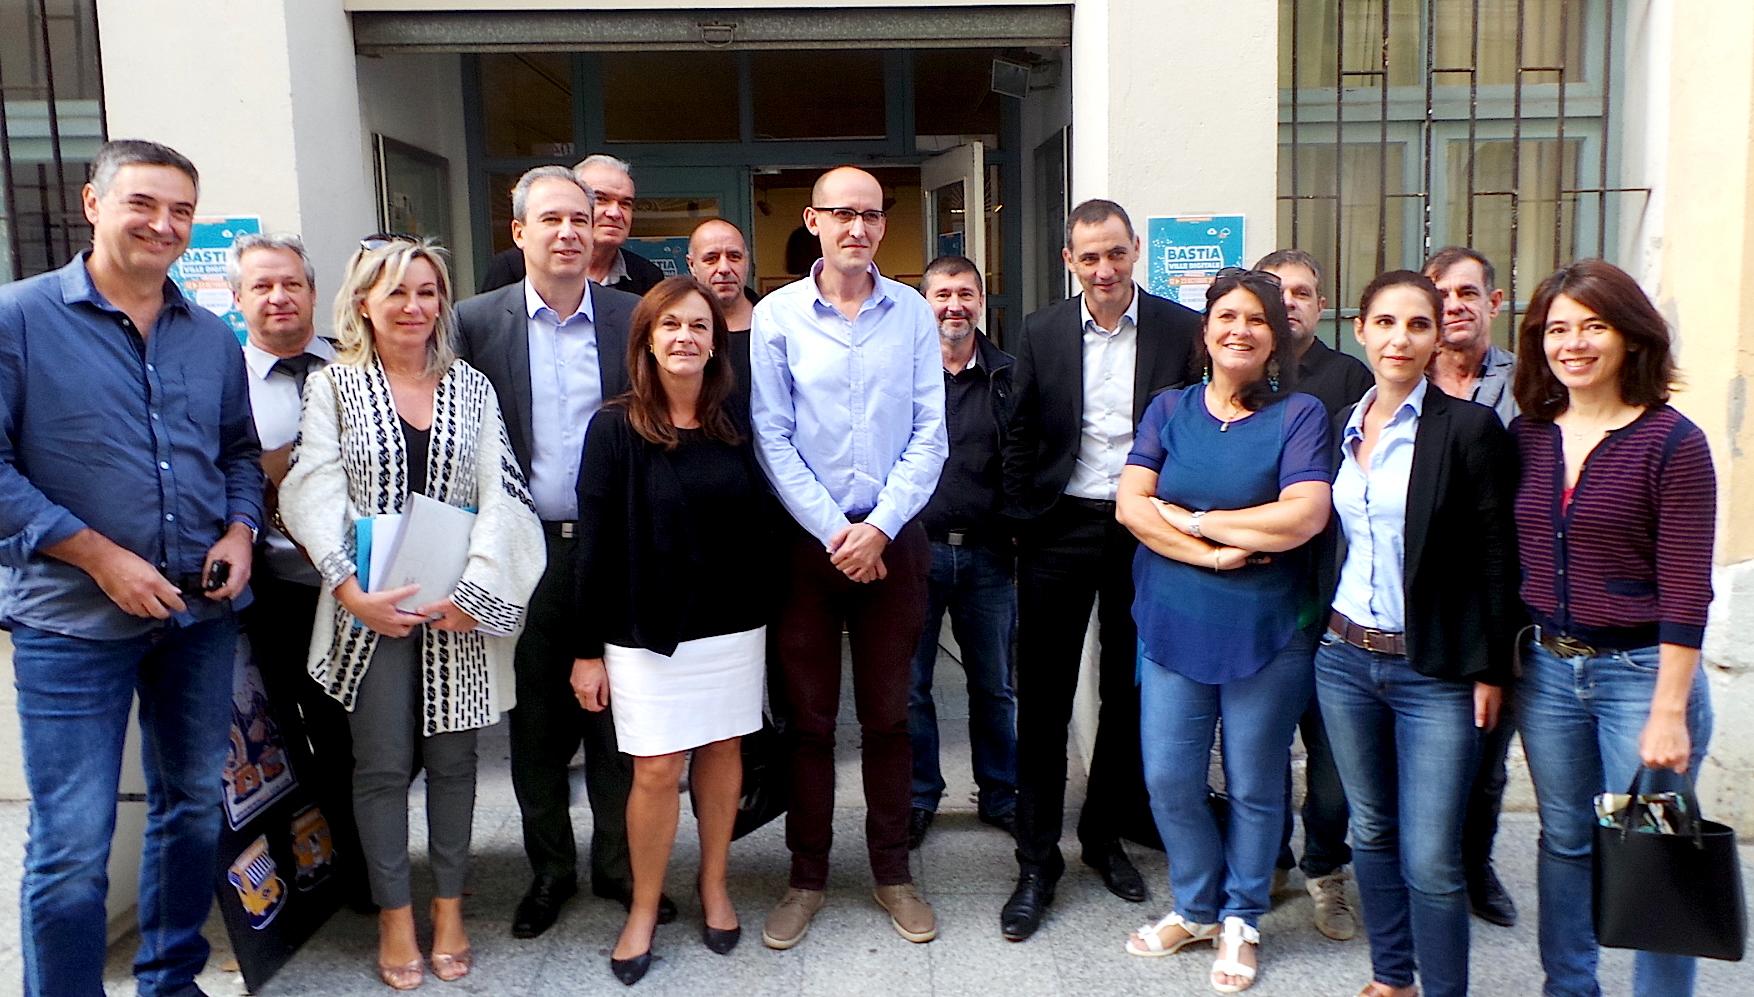 Bastia Ville Digitale : Les 12 rendez-vous méditerranéens du numérique